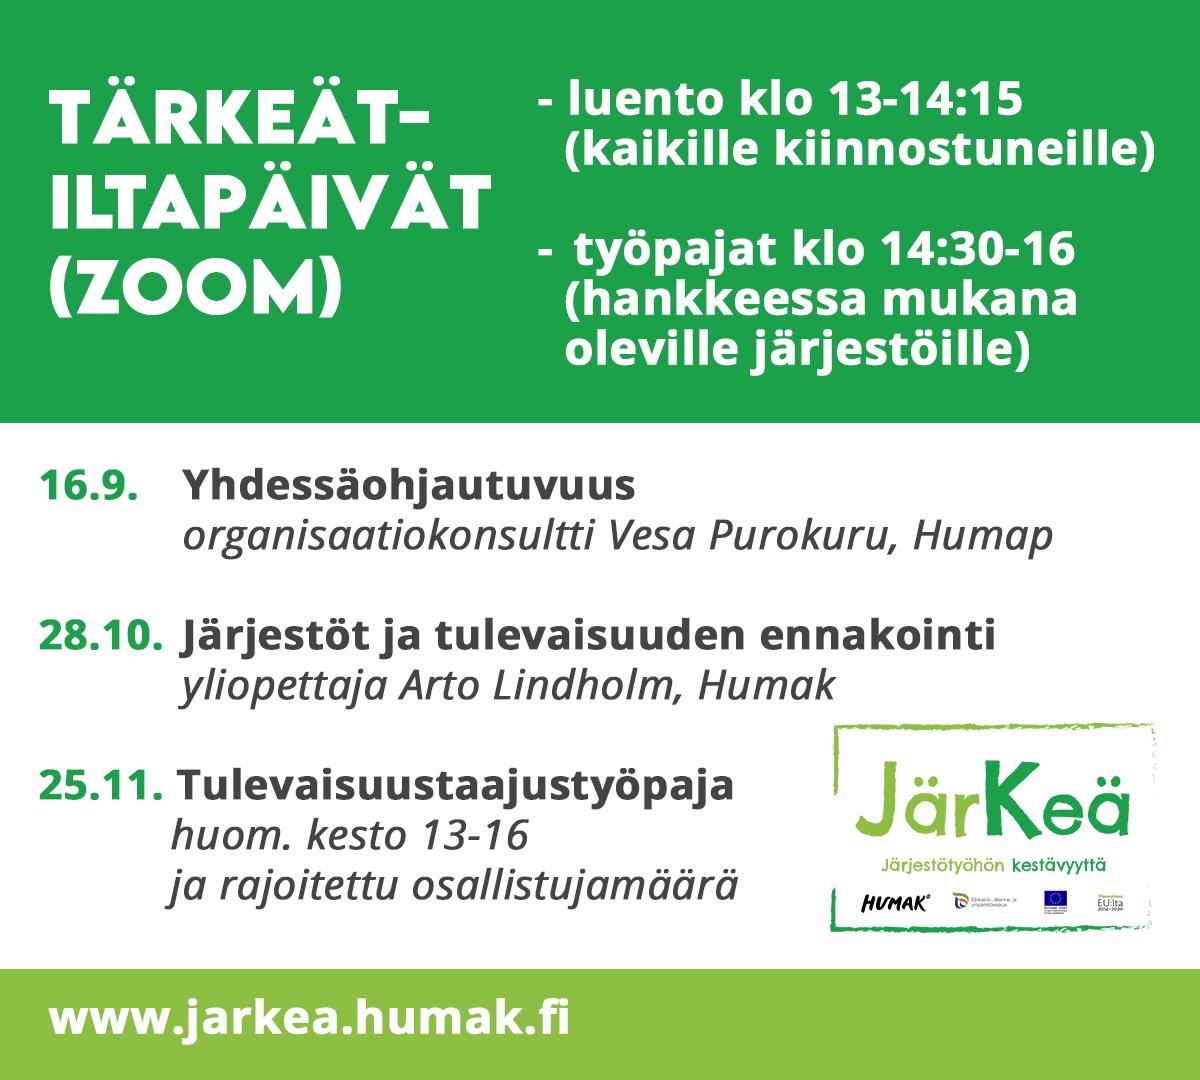 JärKeä-hankkeen iltapäivät banneri, jossa vihreä valkoinen teksti ja väritysasu, hankkeen toteuttajien logot.